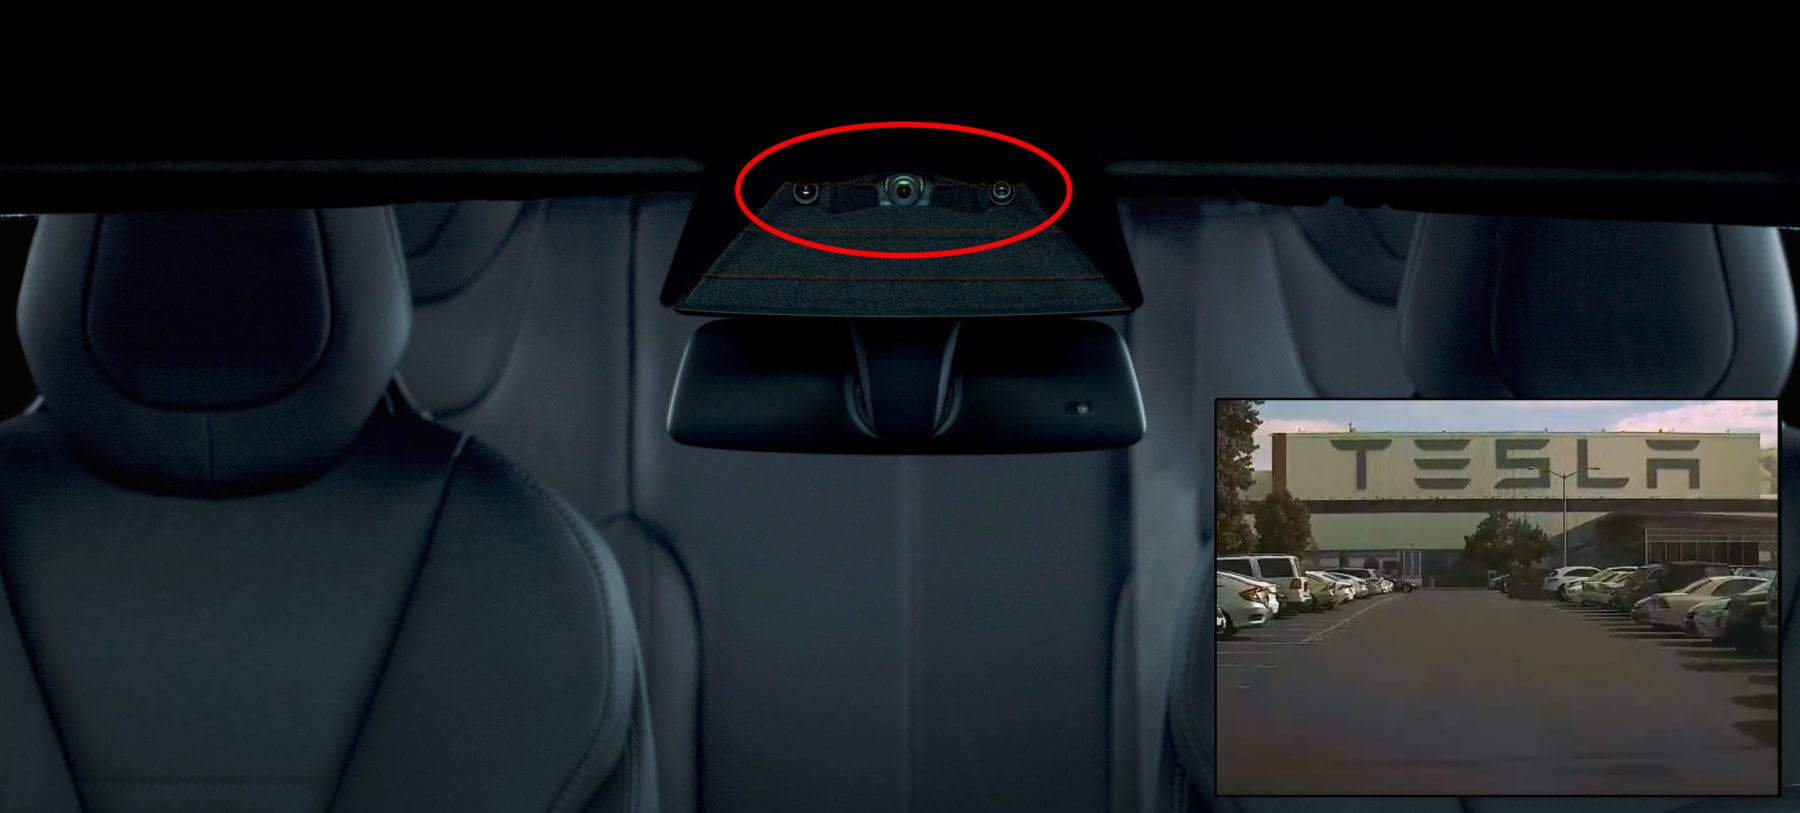 Teslacam: Sentry Mode & Tesla Dashcam Setup - Tutorial | EVBite